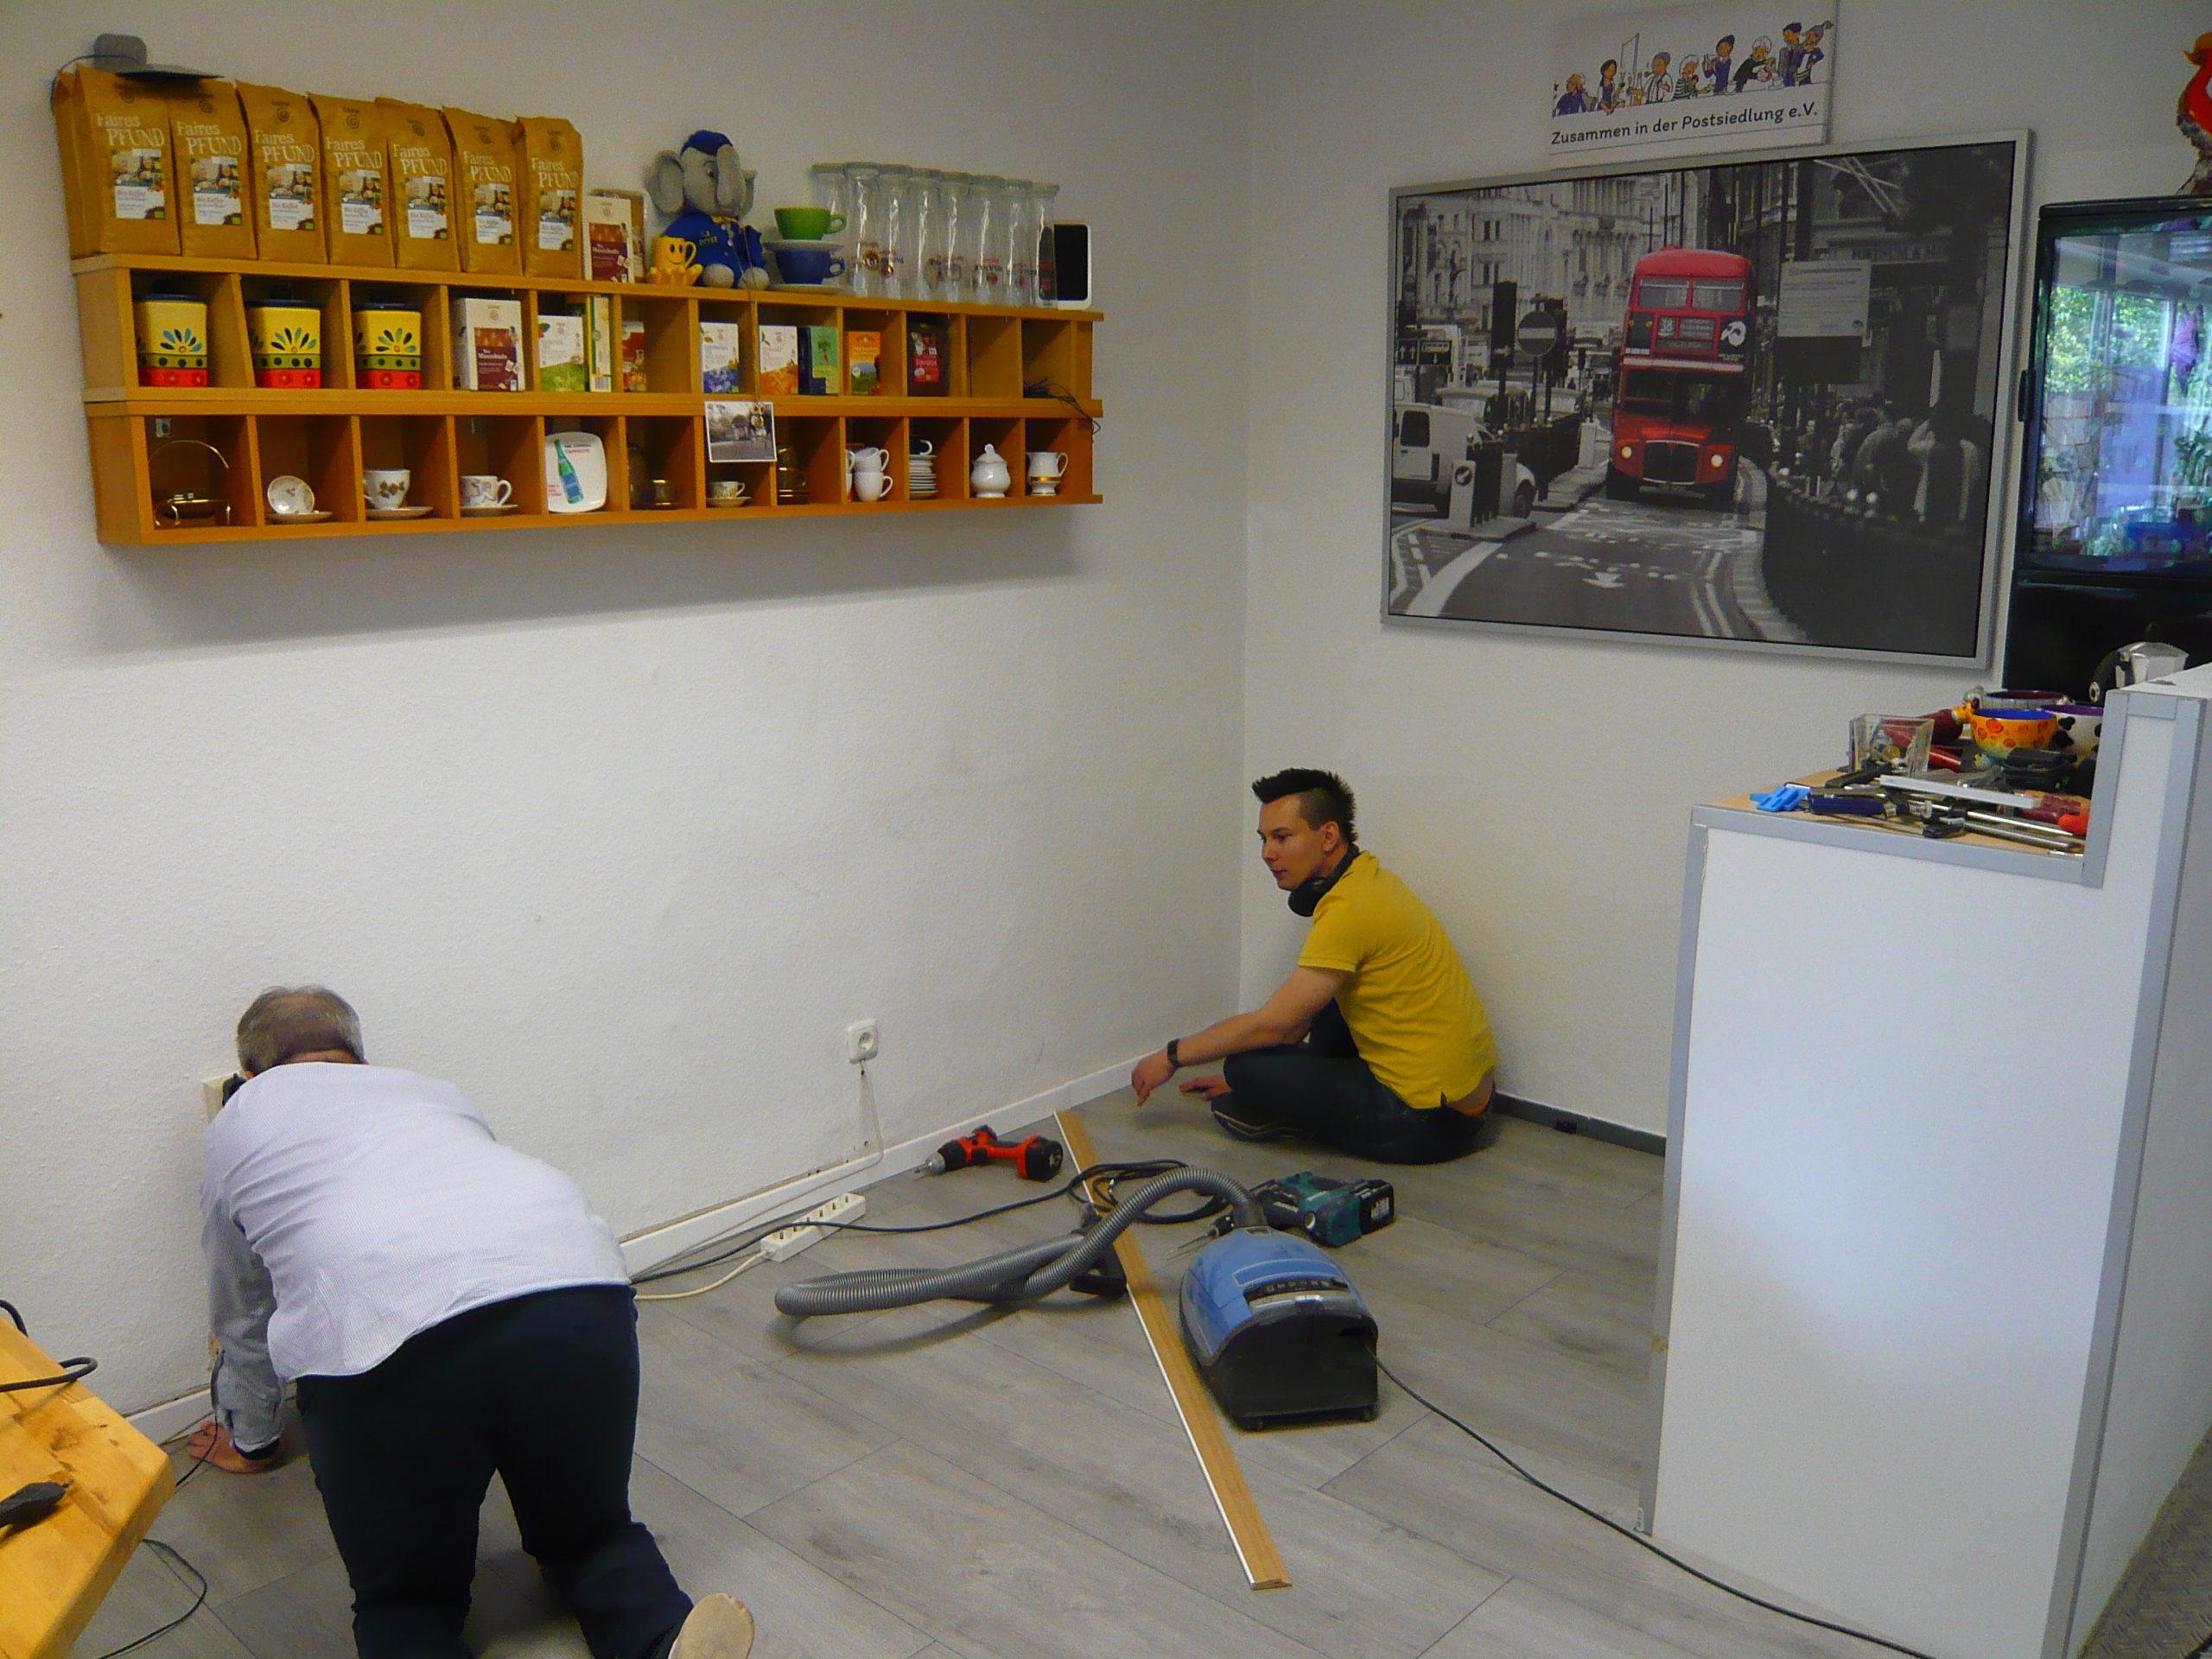 Quartierladen: Engagierter Arbeitseinsatz bringt neues Laminat auf den Boden + Glanz in die Hütte :-)